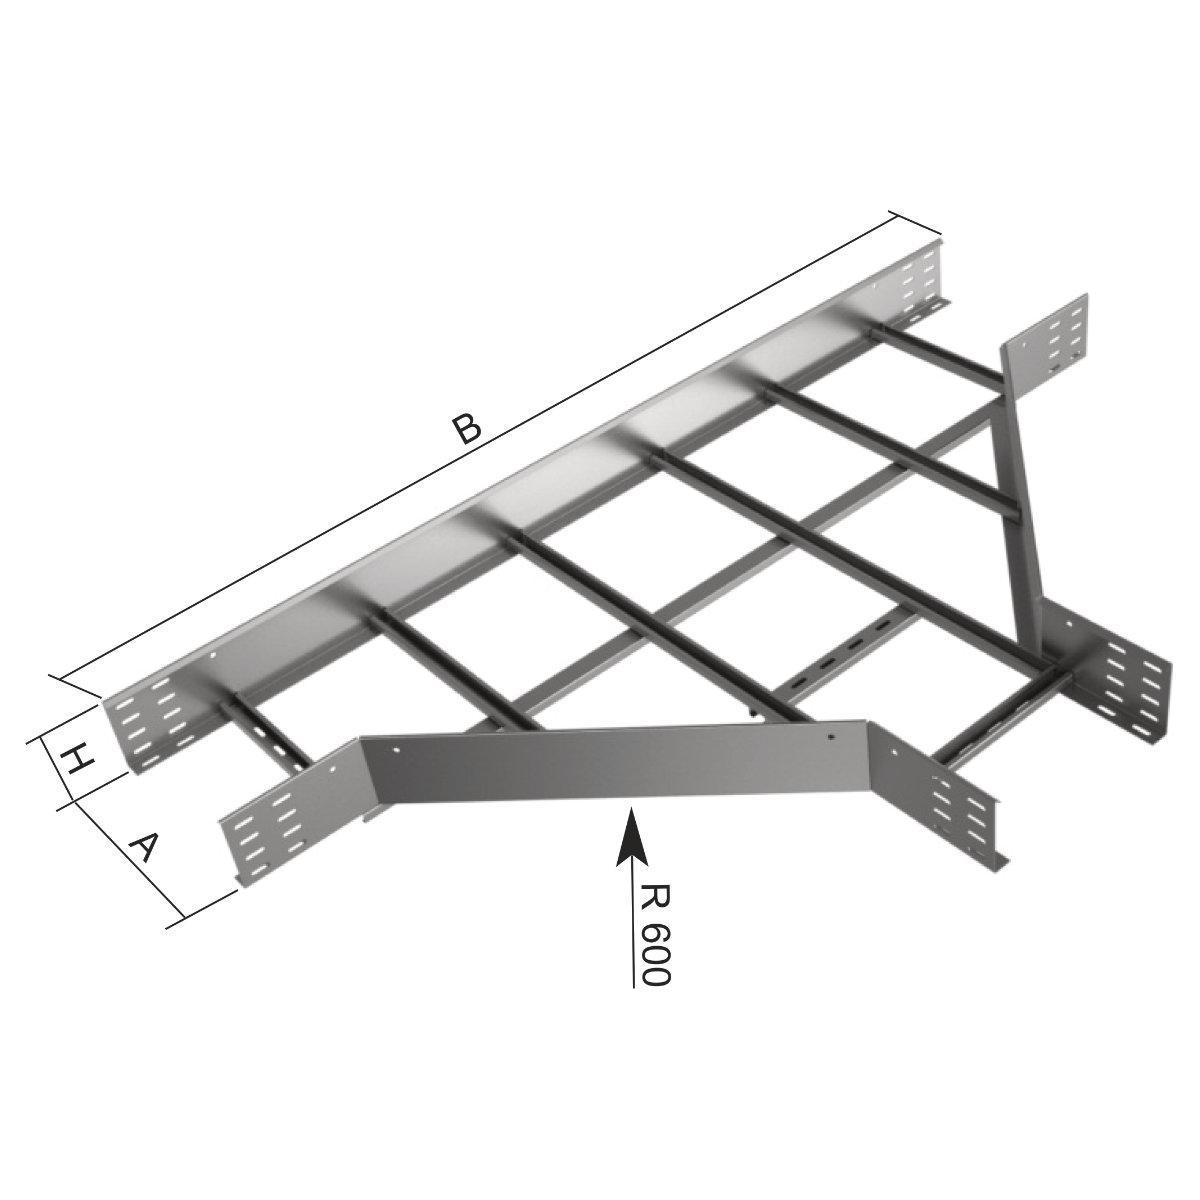 Відгалужувач горизонтальний Т-подібний на лоток драбинного типу KOPOS; розміри-60x400x1600mm Товщ. метал-